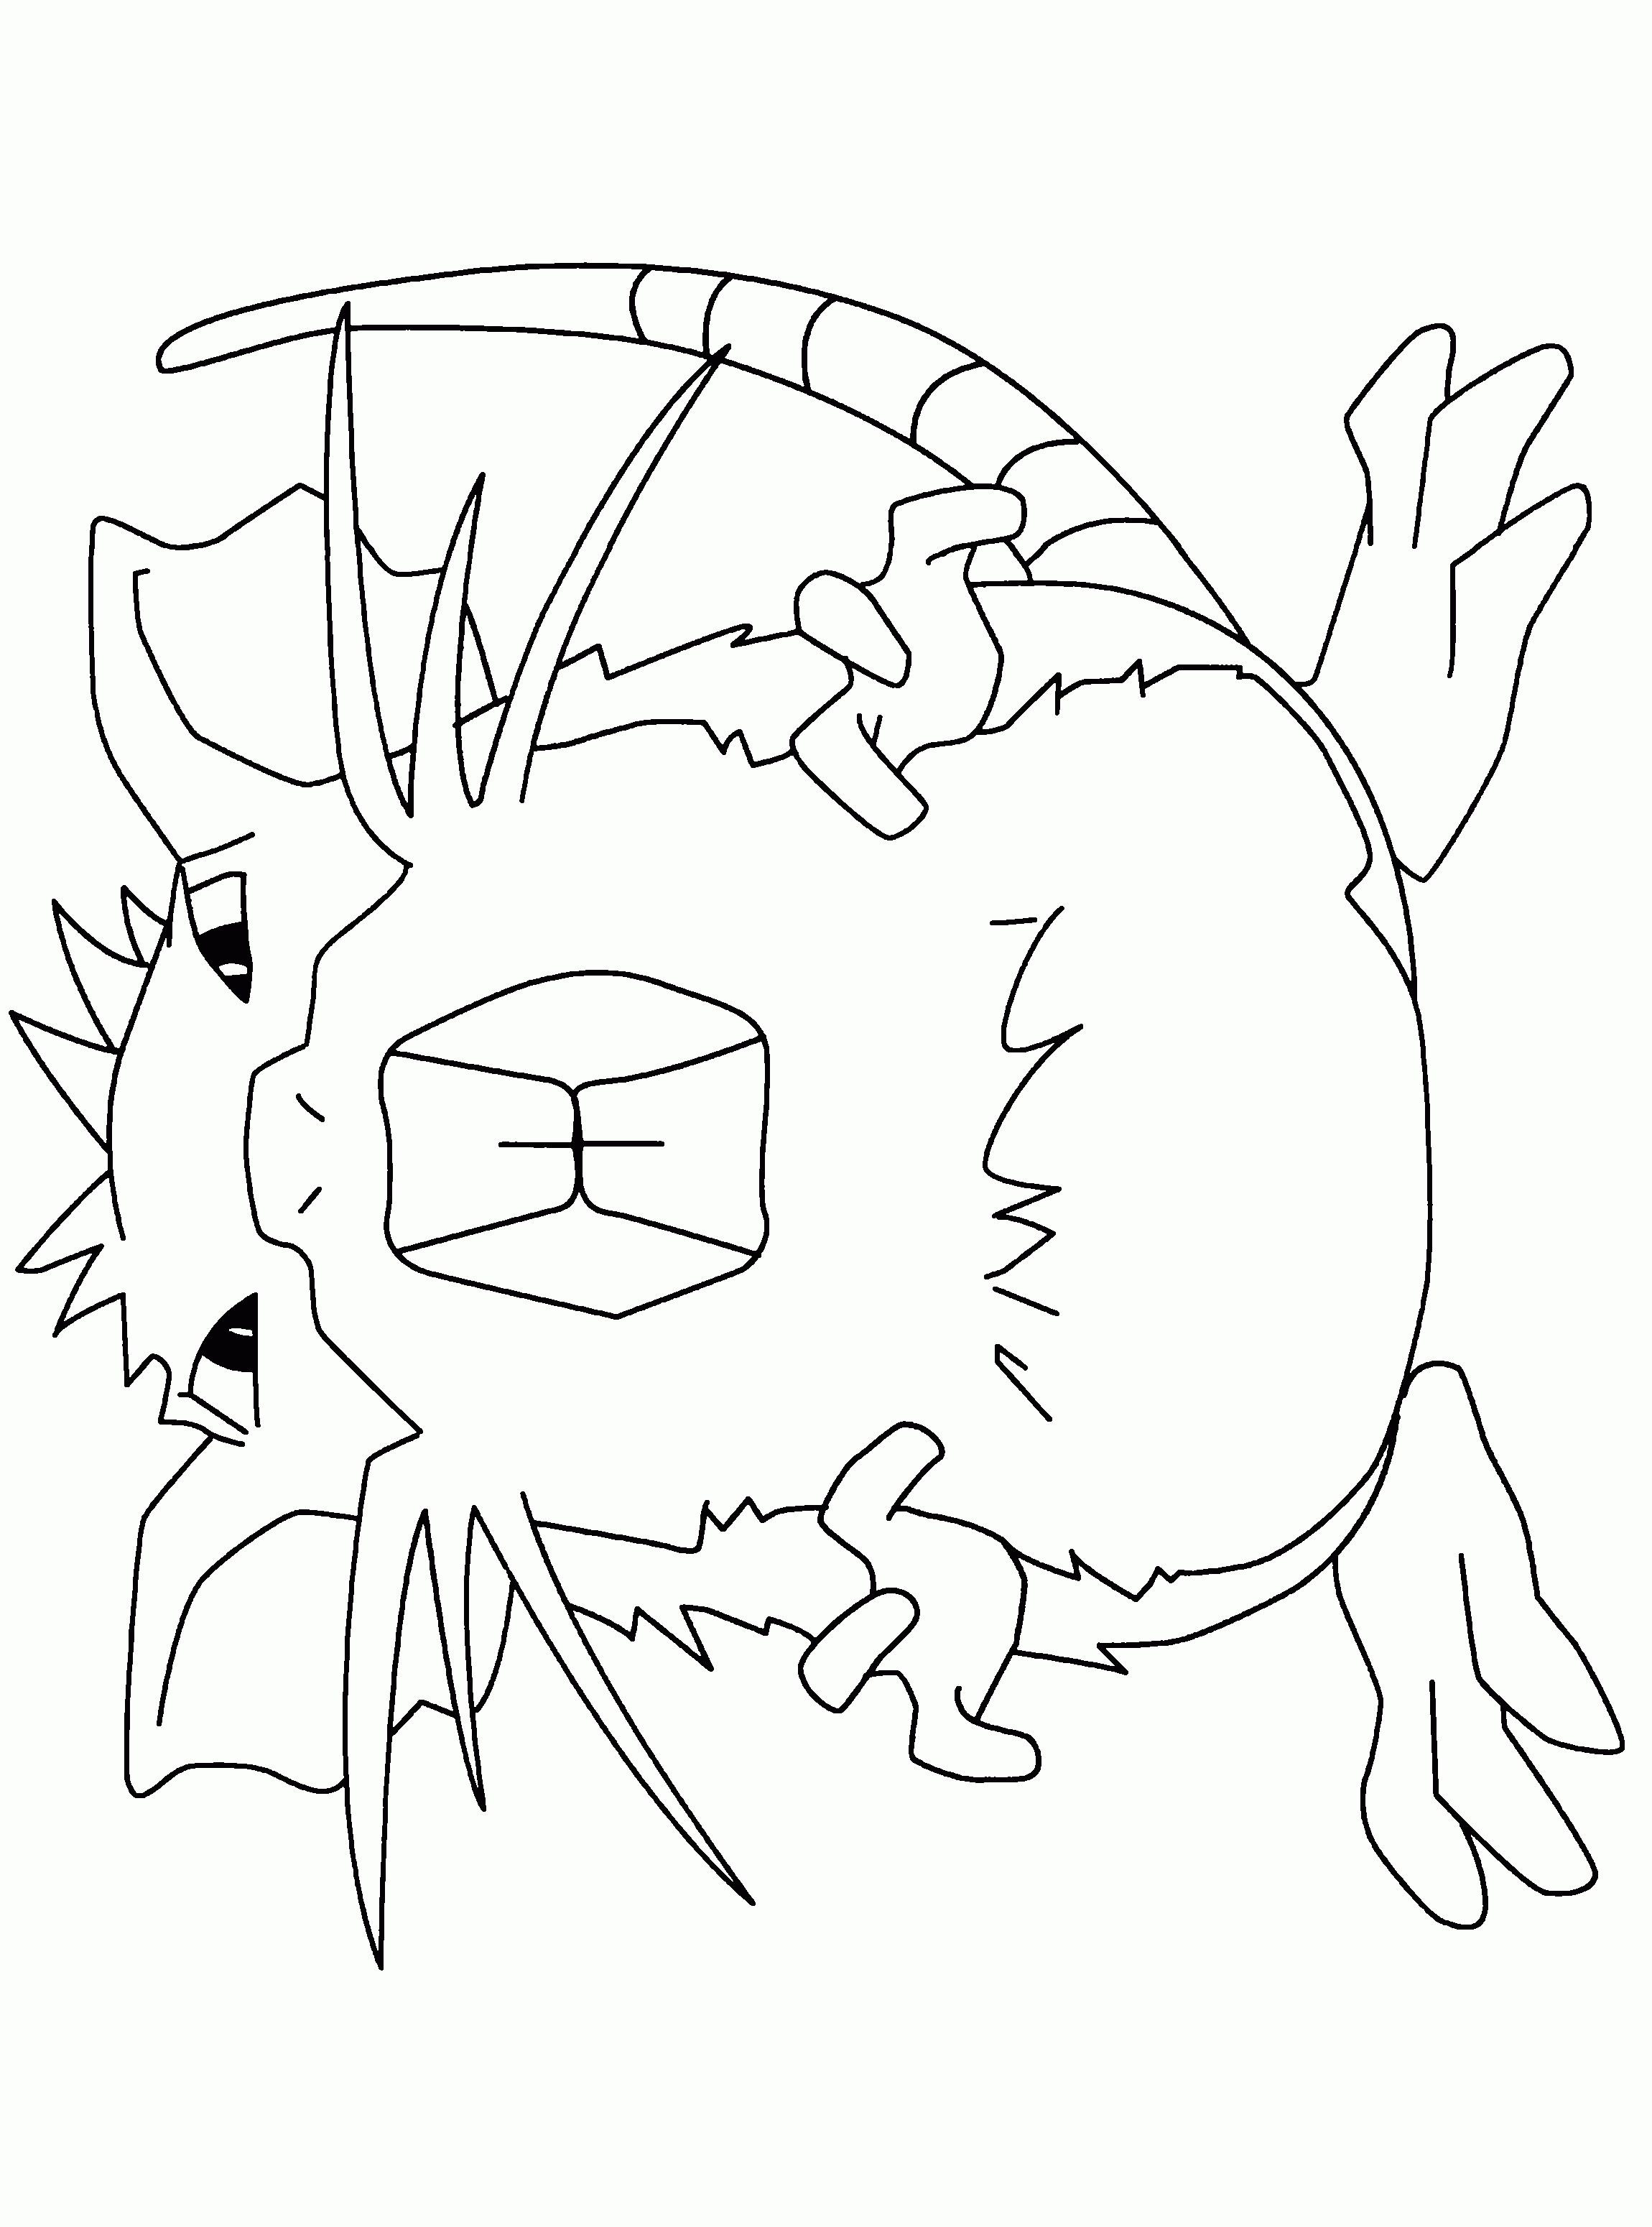 Ausmalbilder Pokemon Evoli Weiterentwicklung Einzigartig Malvorlagen Malvorlagen Pokemon Das Bild